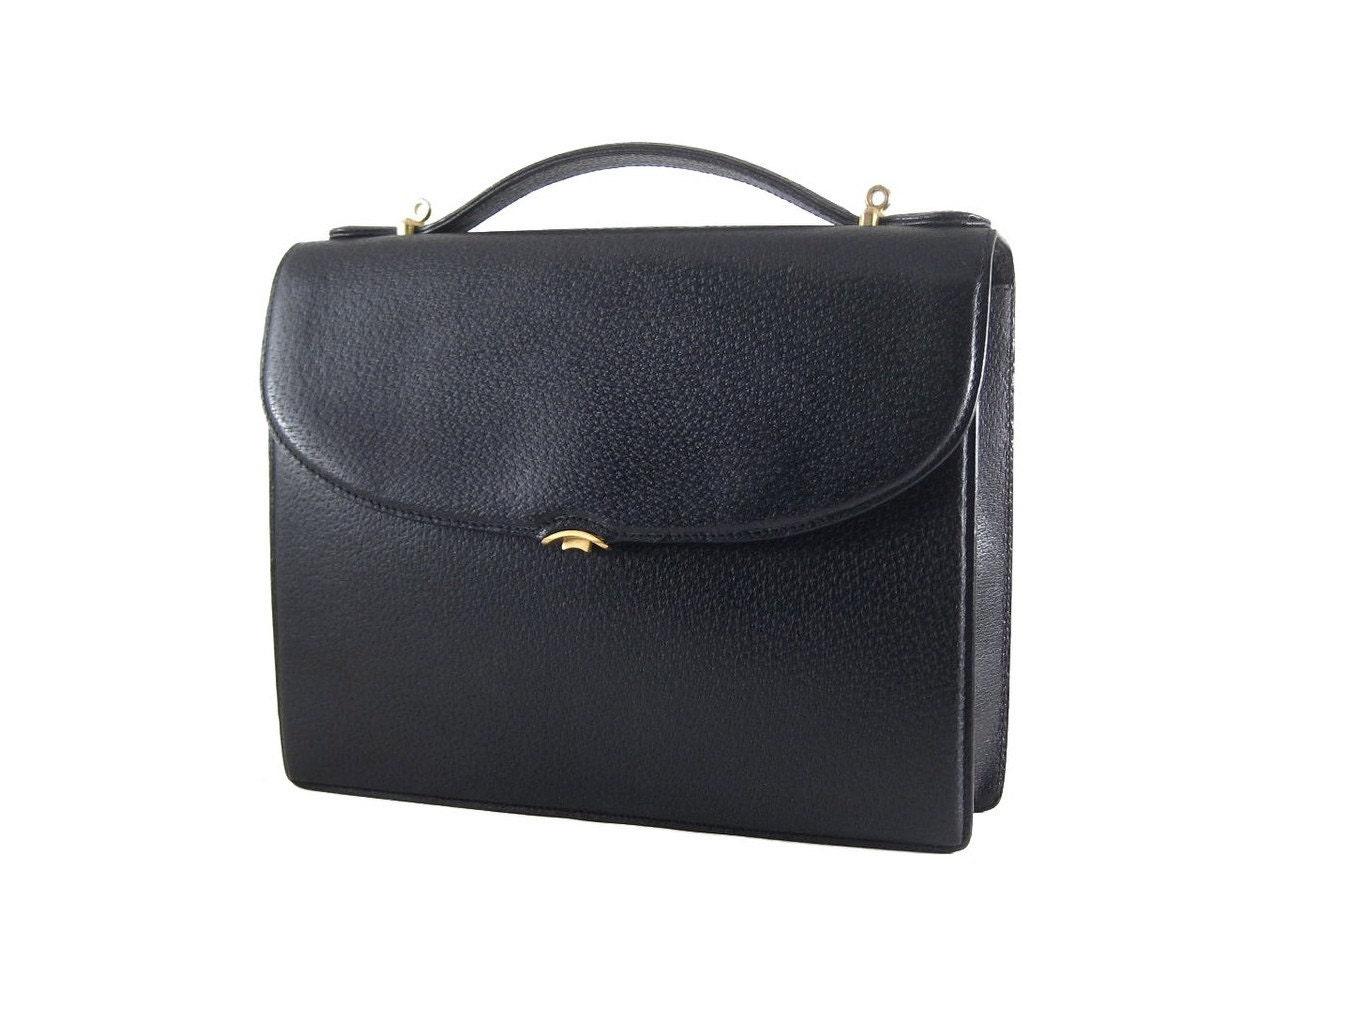 Gucci Vintage Portfolio Black Leather Square Handbag Rare